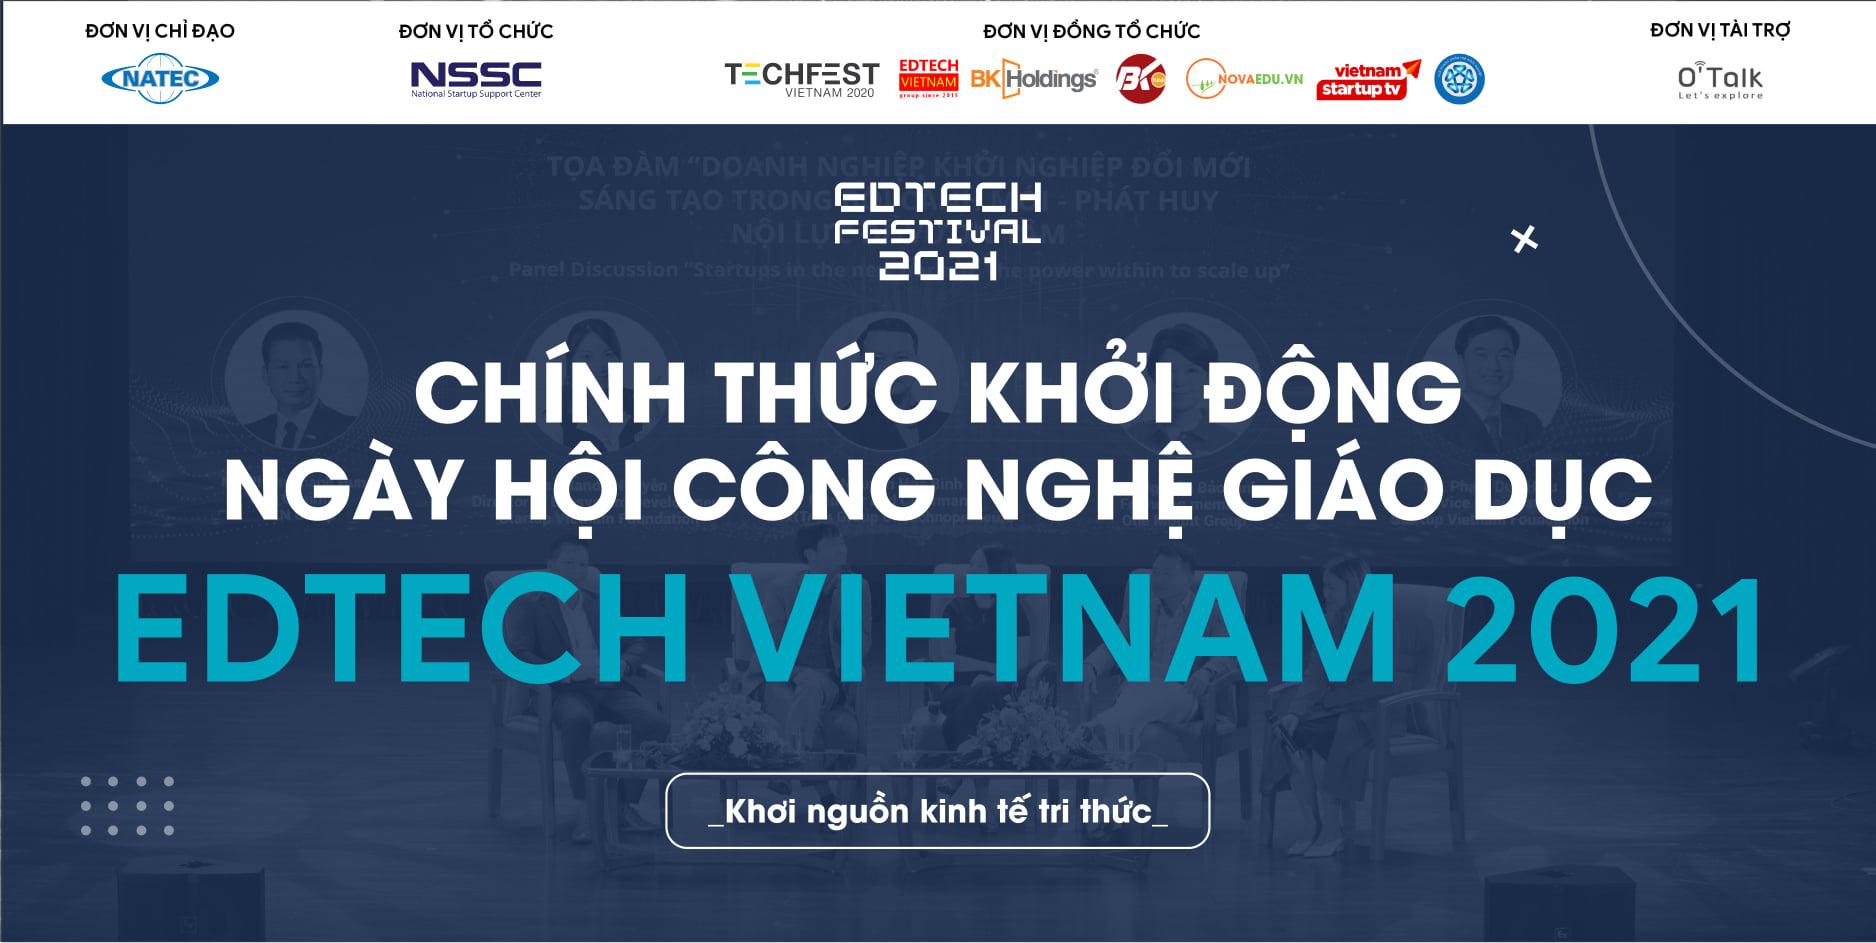 Cuộc thi tìm kiếm ngôi sao khởi nghiệp - Edtech Vietnam 2021